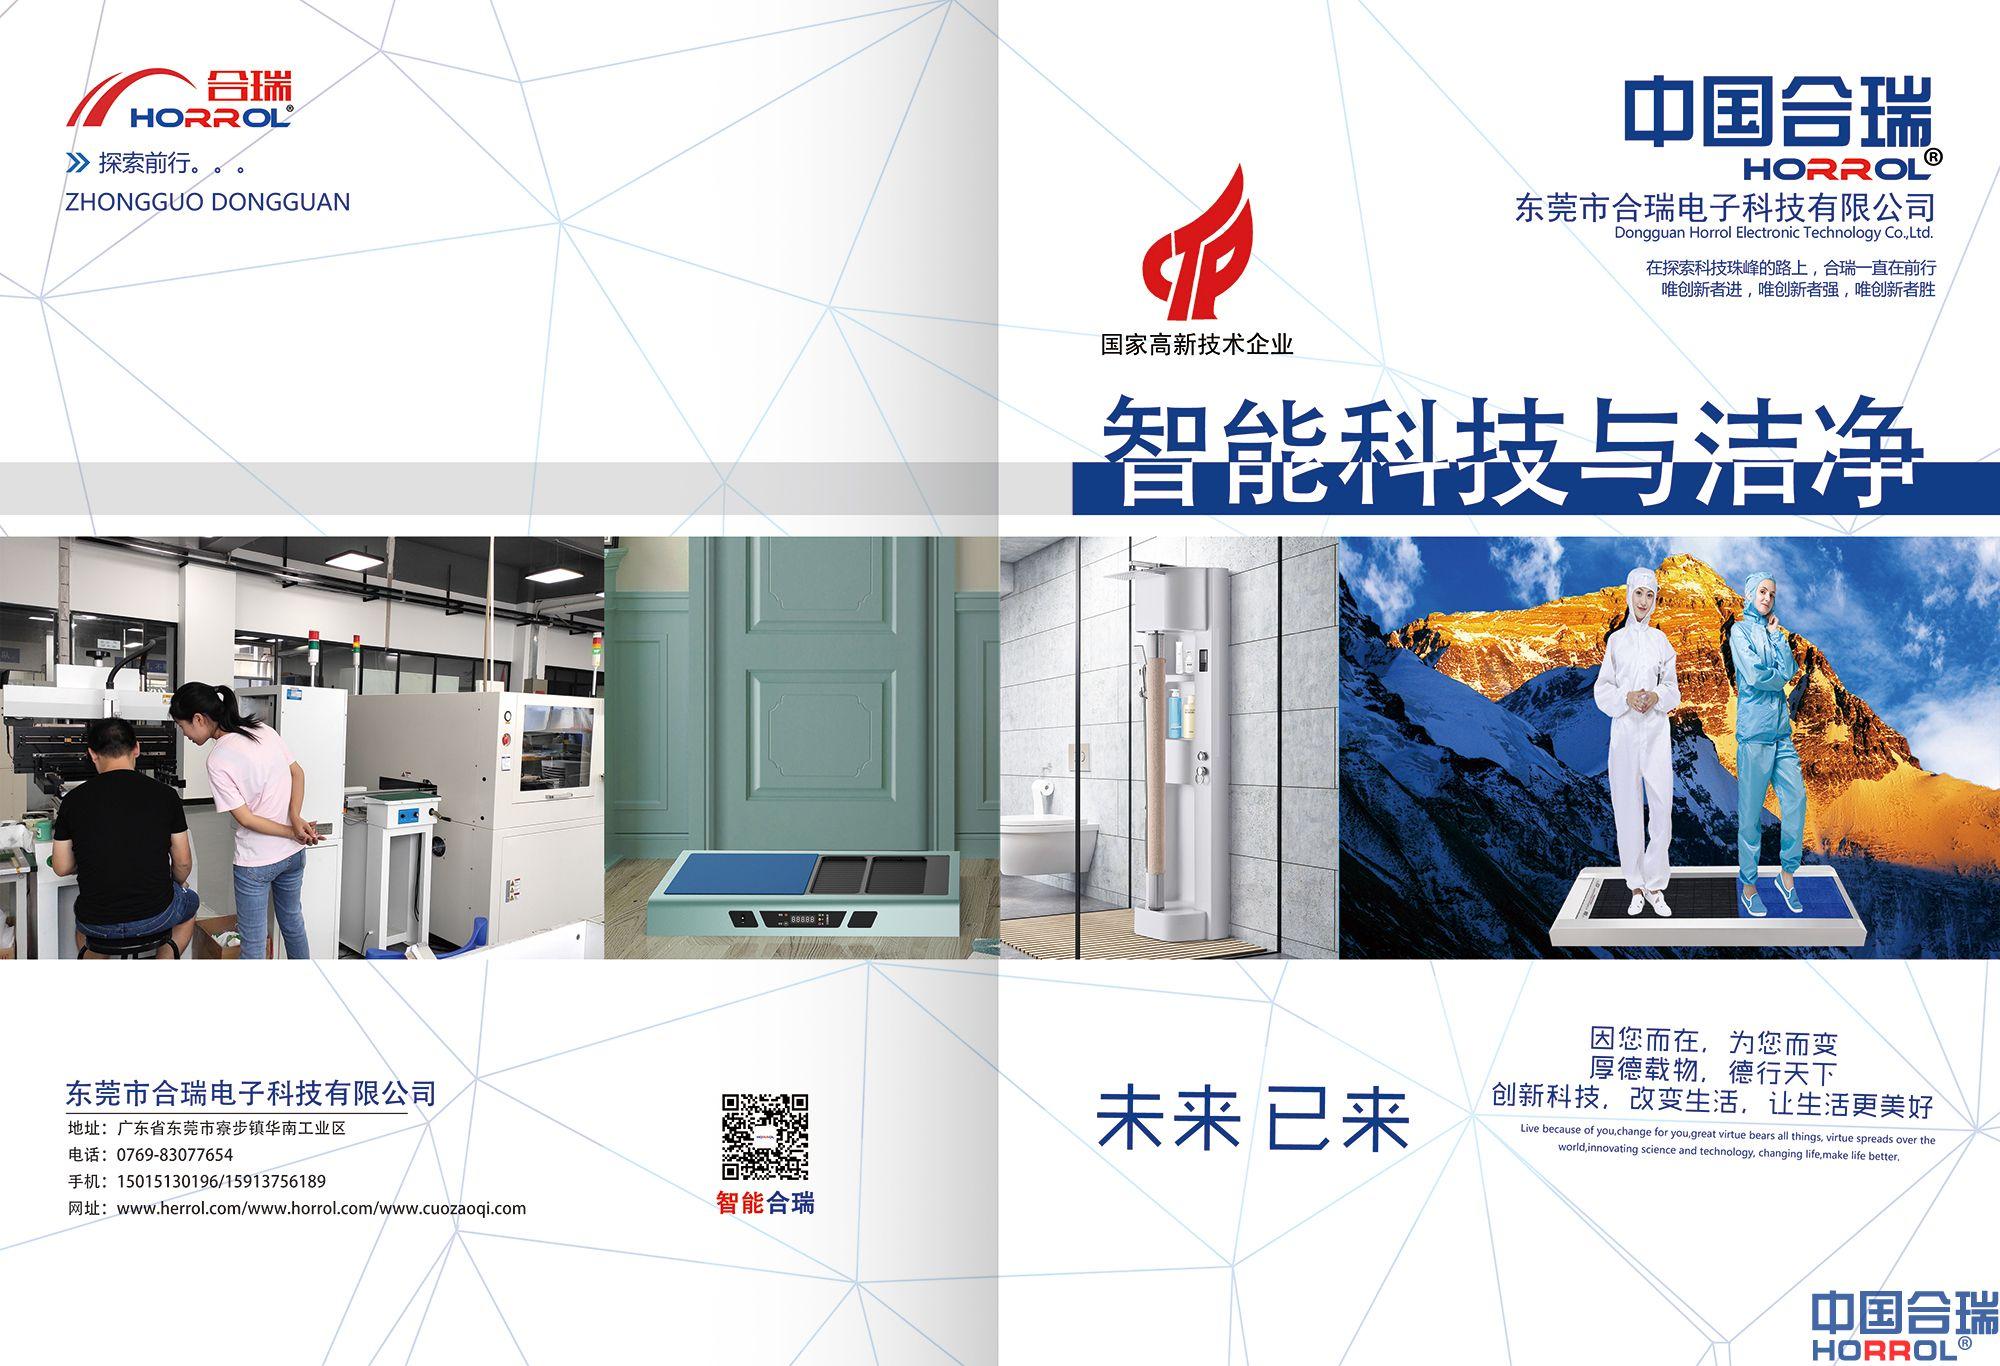 中国合瑞2019年产品画册发布,合瑞科技与您同行共创价值